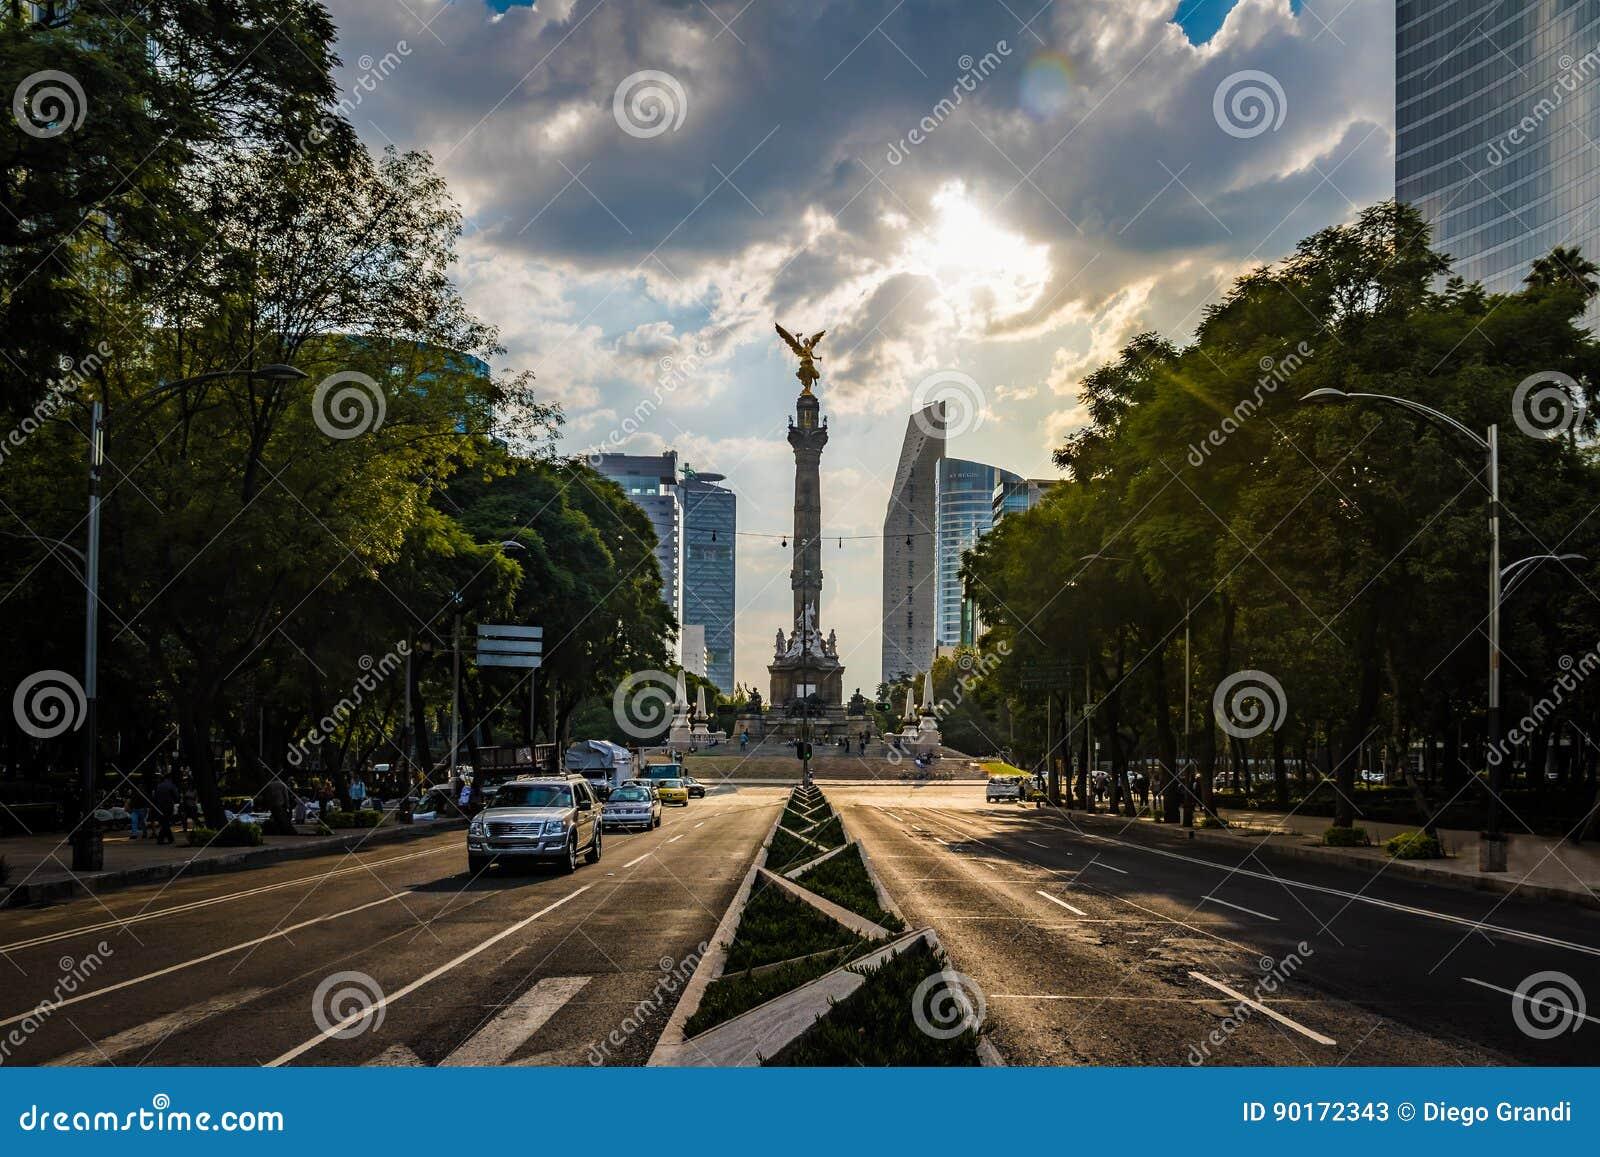 Paseo De Los Angeles Reforma aleja i anioł niezależność zabytek - Meksyk, Meksyk